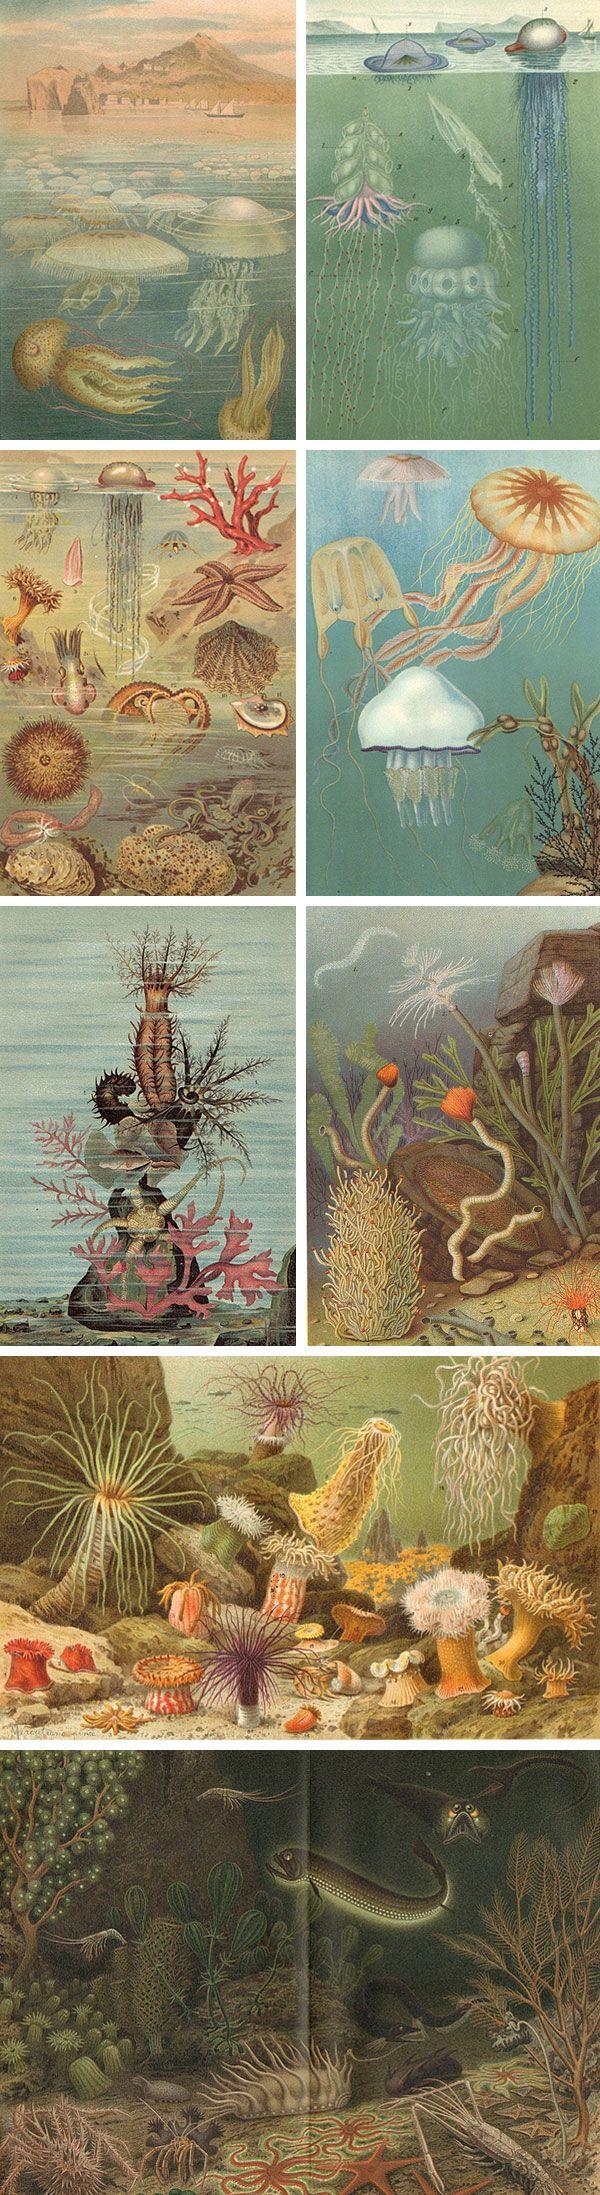 Vintage vida acuatica.